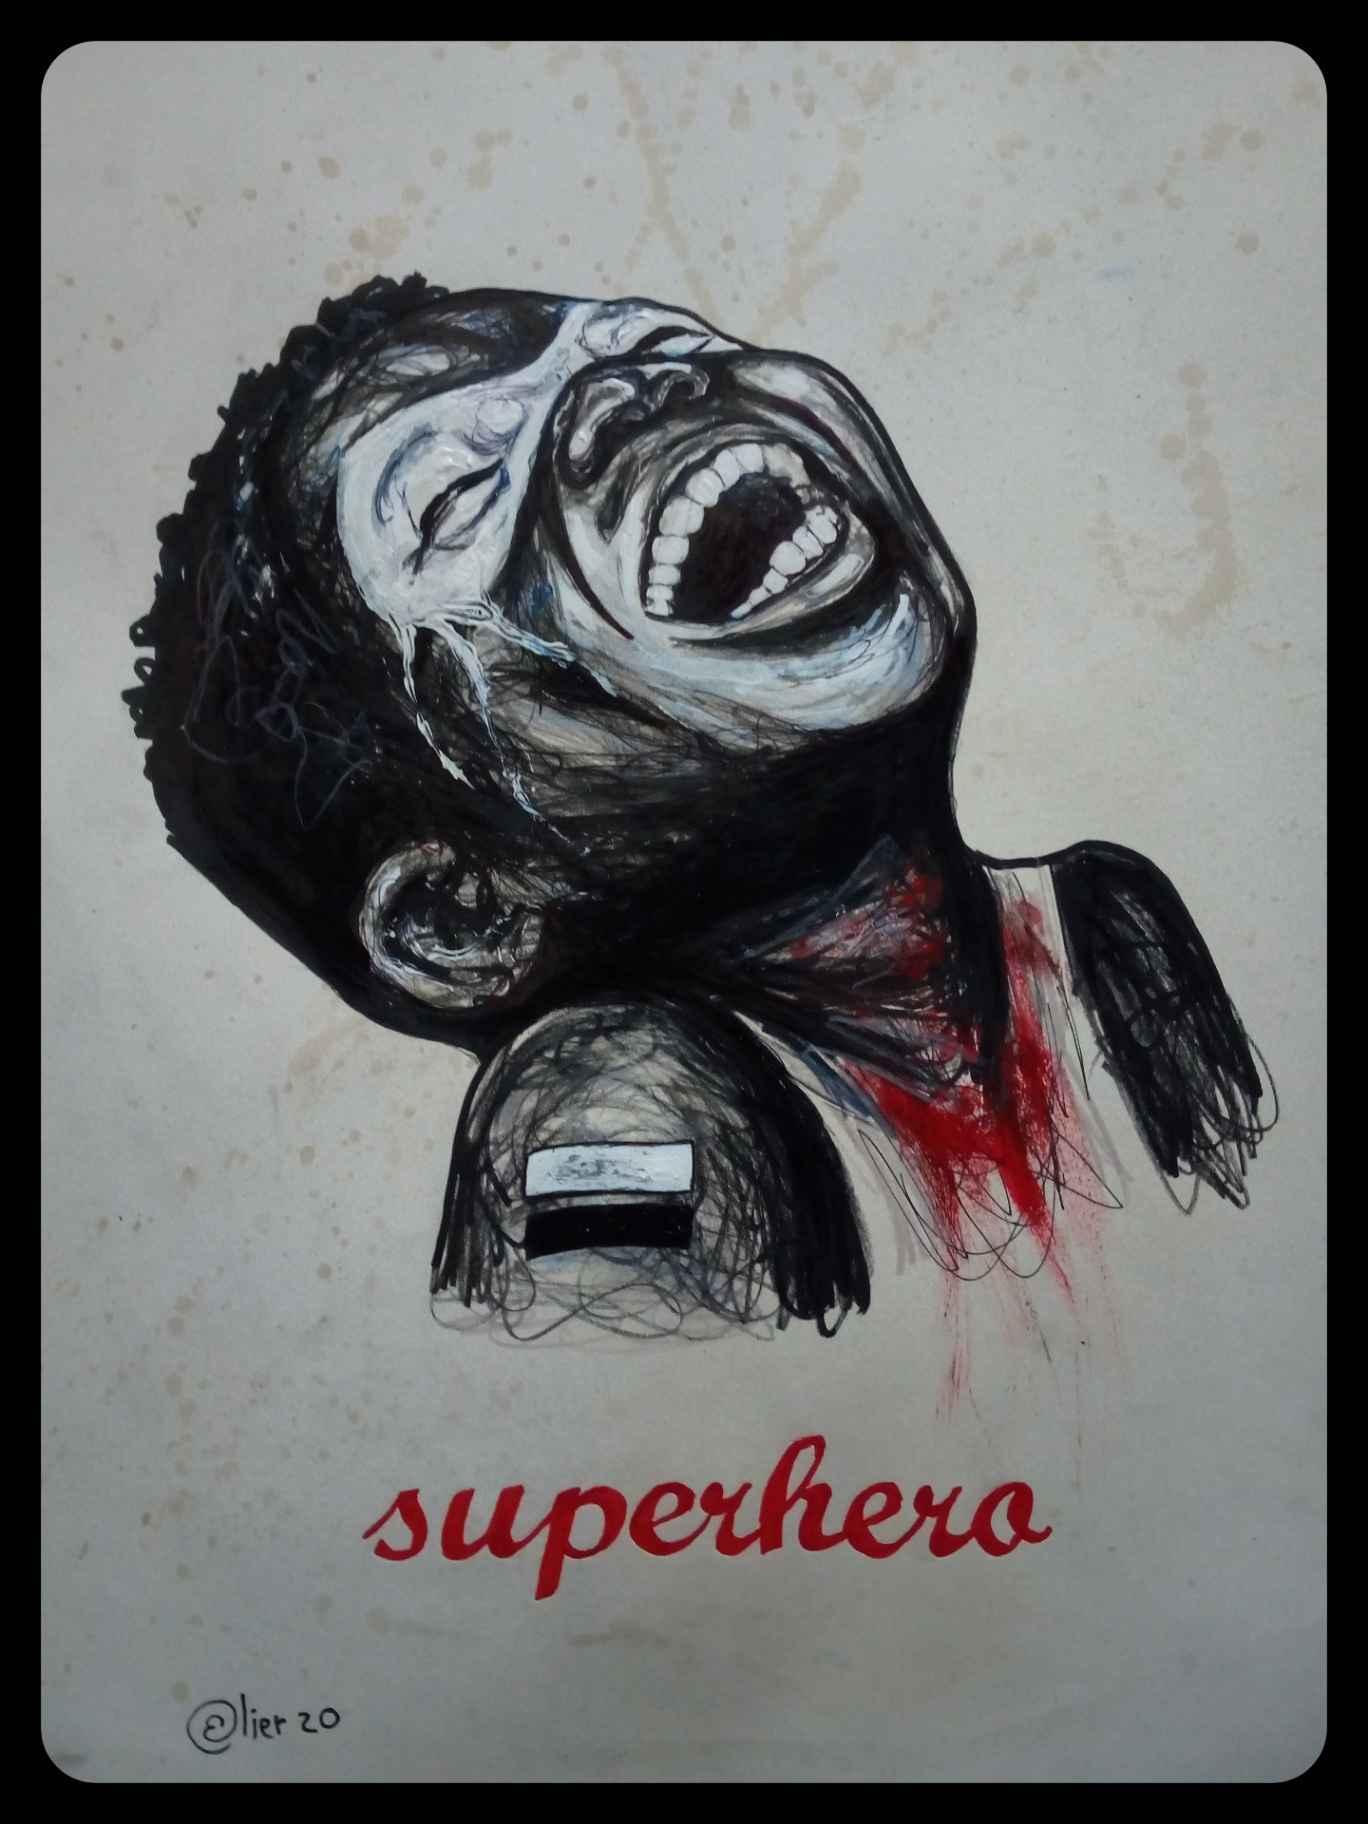 Obra: Superhero